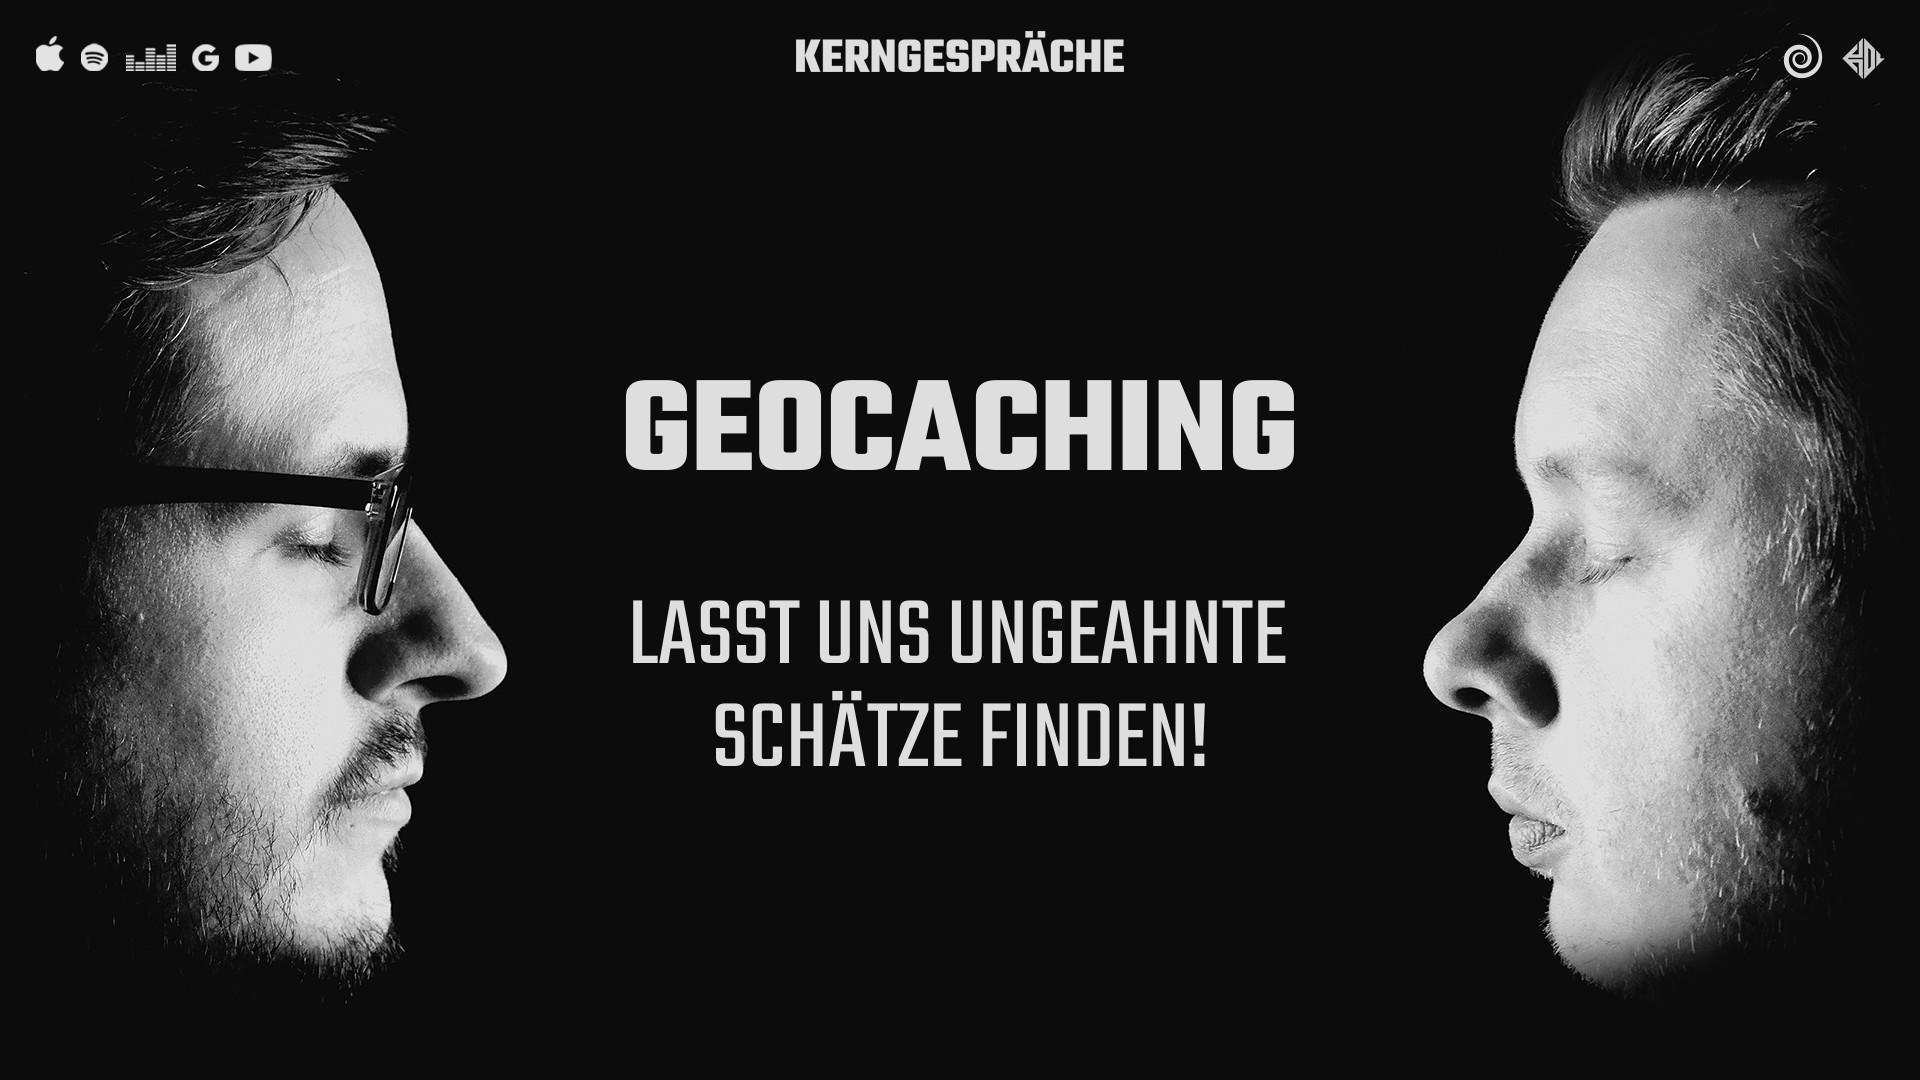 Geocaching: Lasst uns ungeahnte Schätze finden!